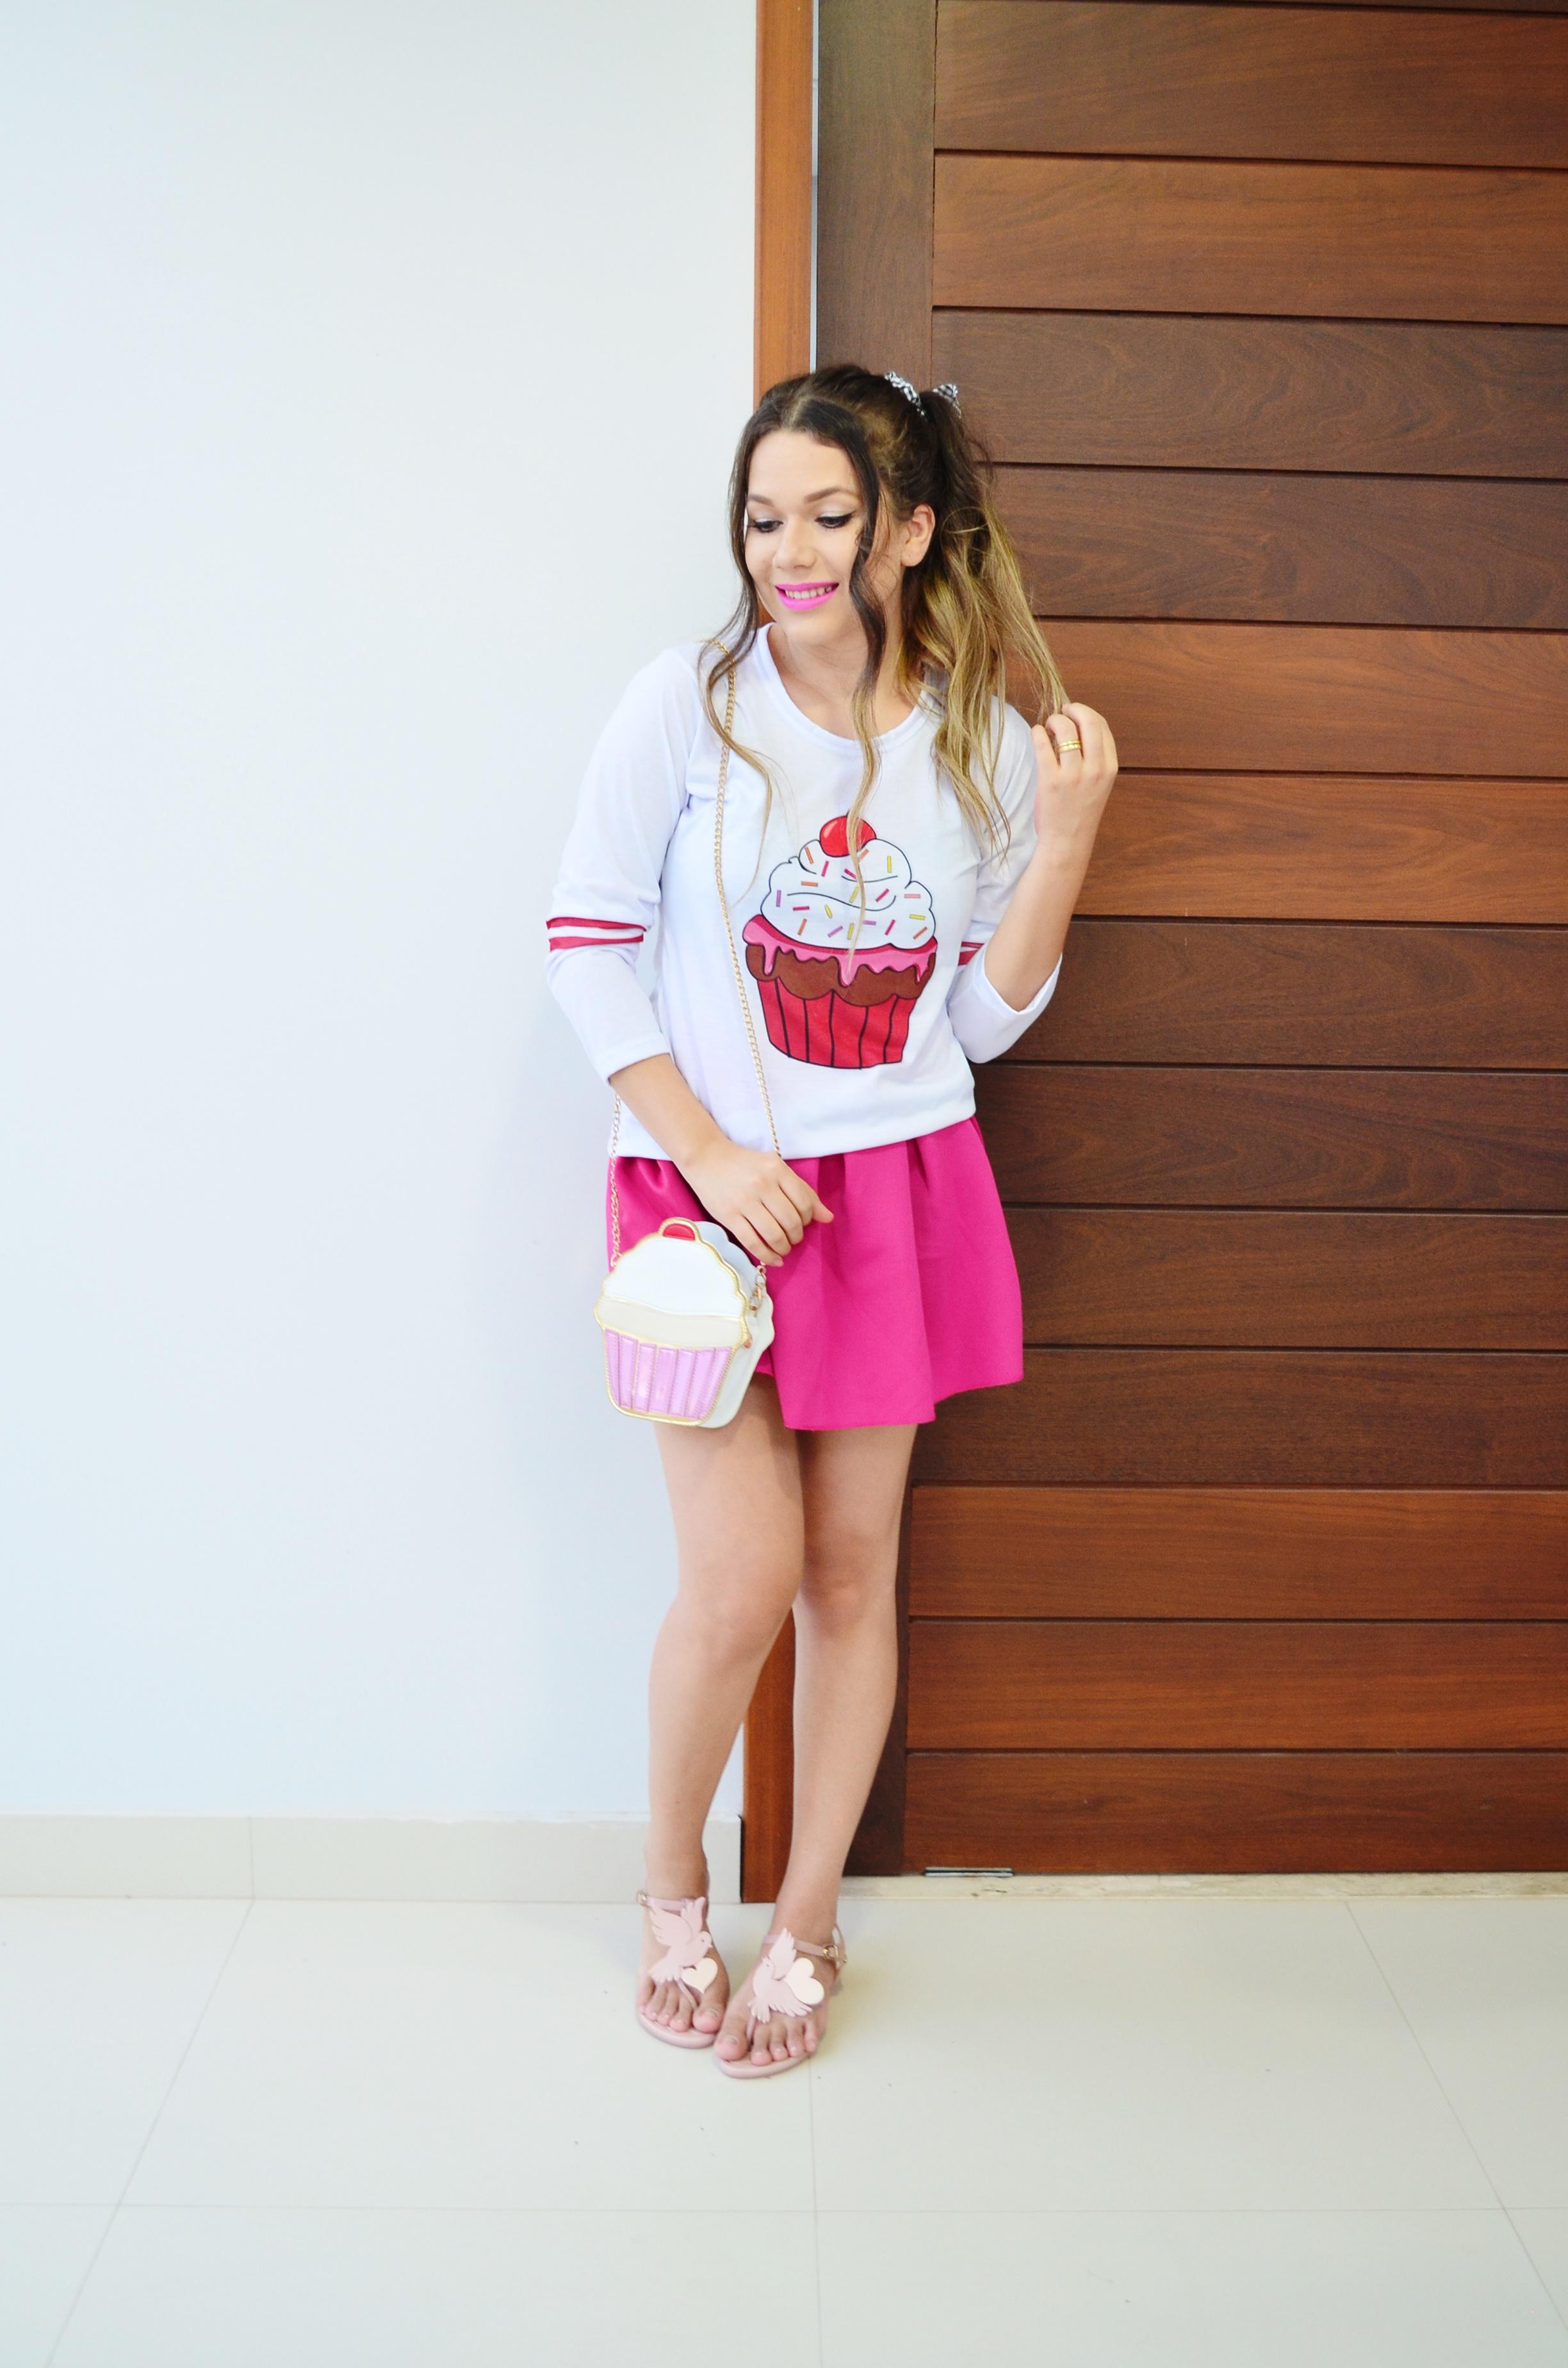 look-melissa-vivienne-westwood-anglomania-melissa-solar-ii-camisa-cupcake-e-saia-pink-3